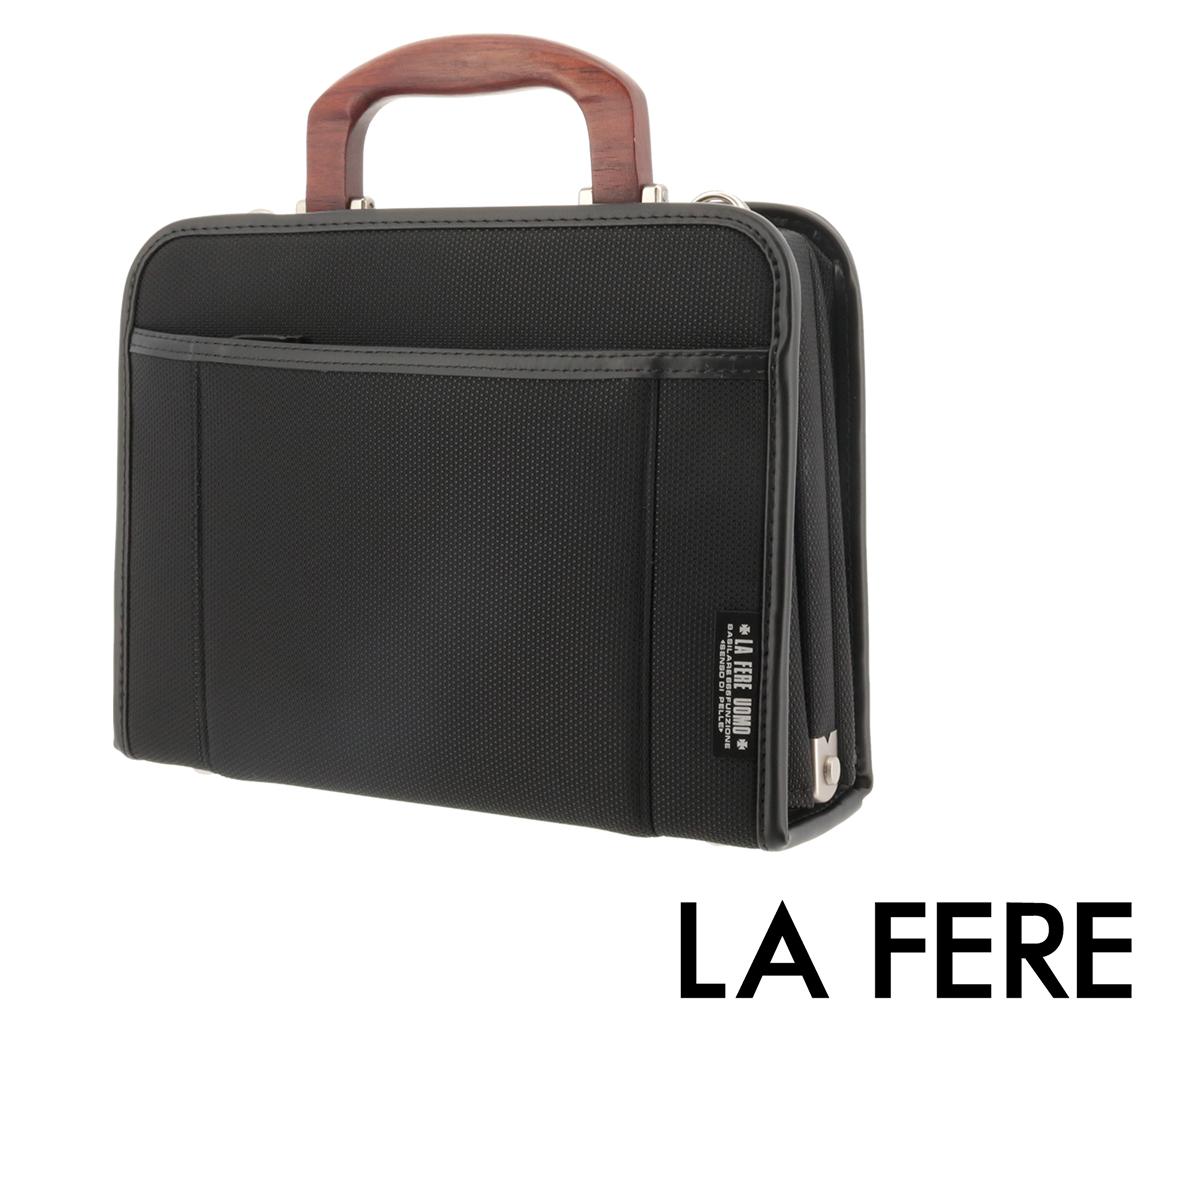 青木鞄 ラフェール セカンドバッグ オプス 6726 | LA FERE ビジネスバッグ メンズ 日本製 ナイロン[PO10][bef]